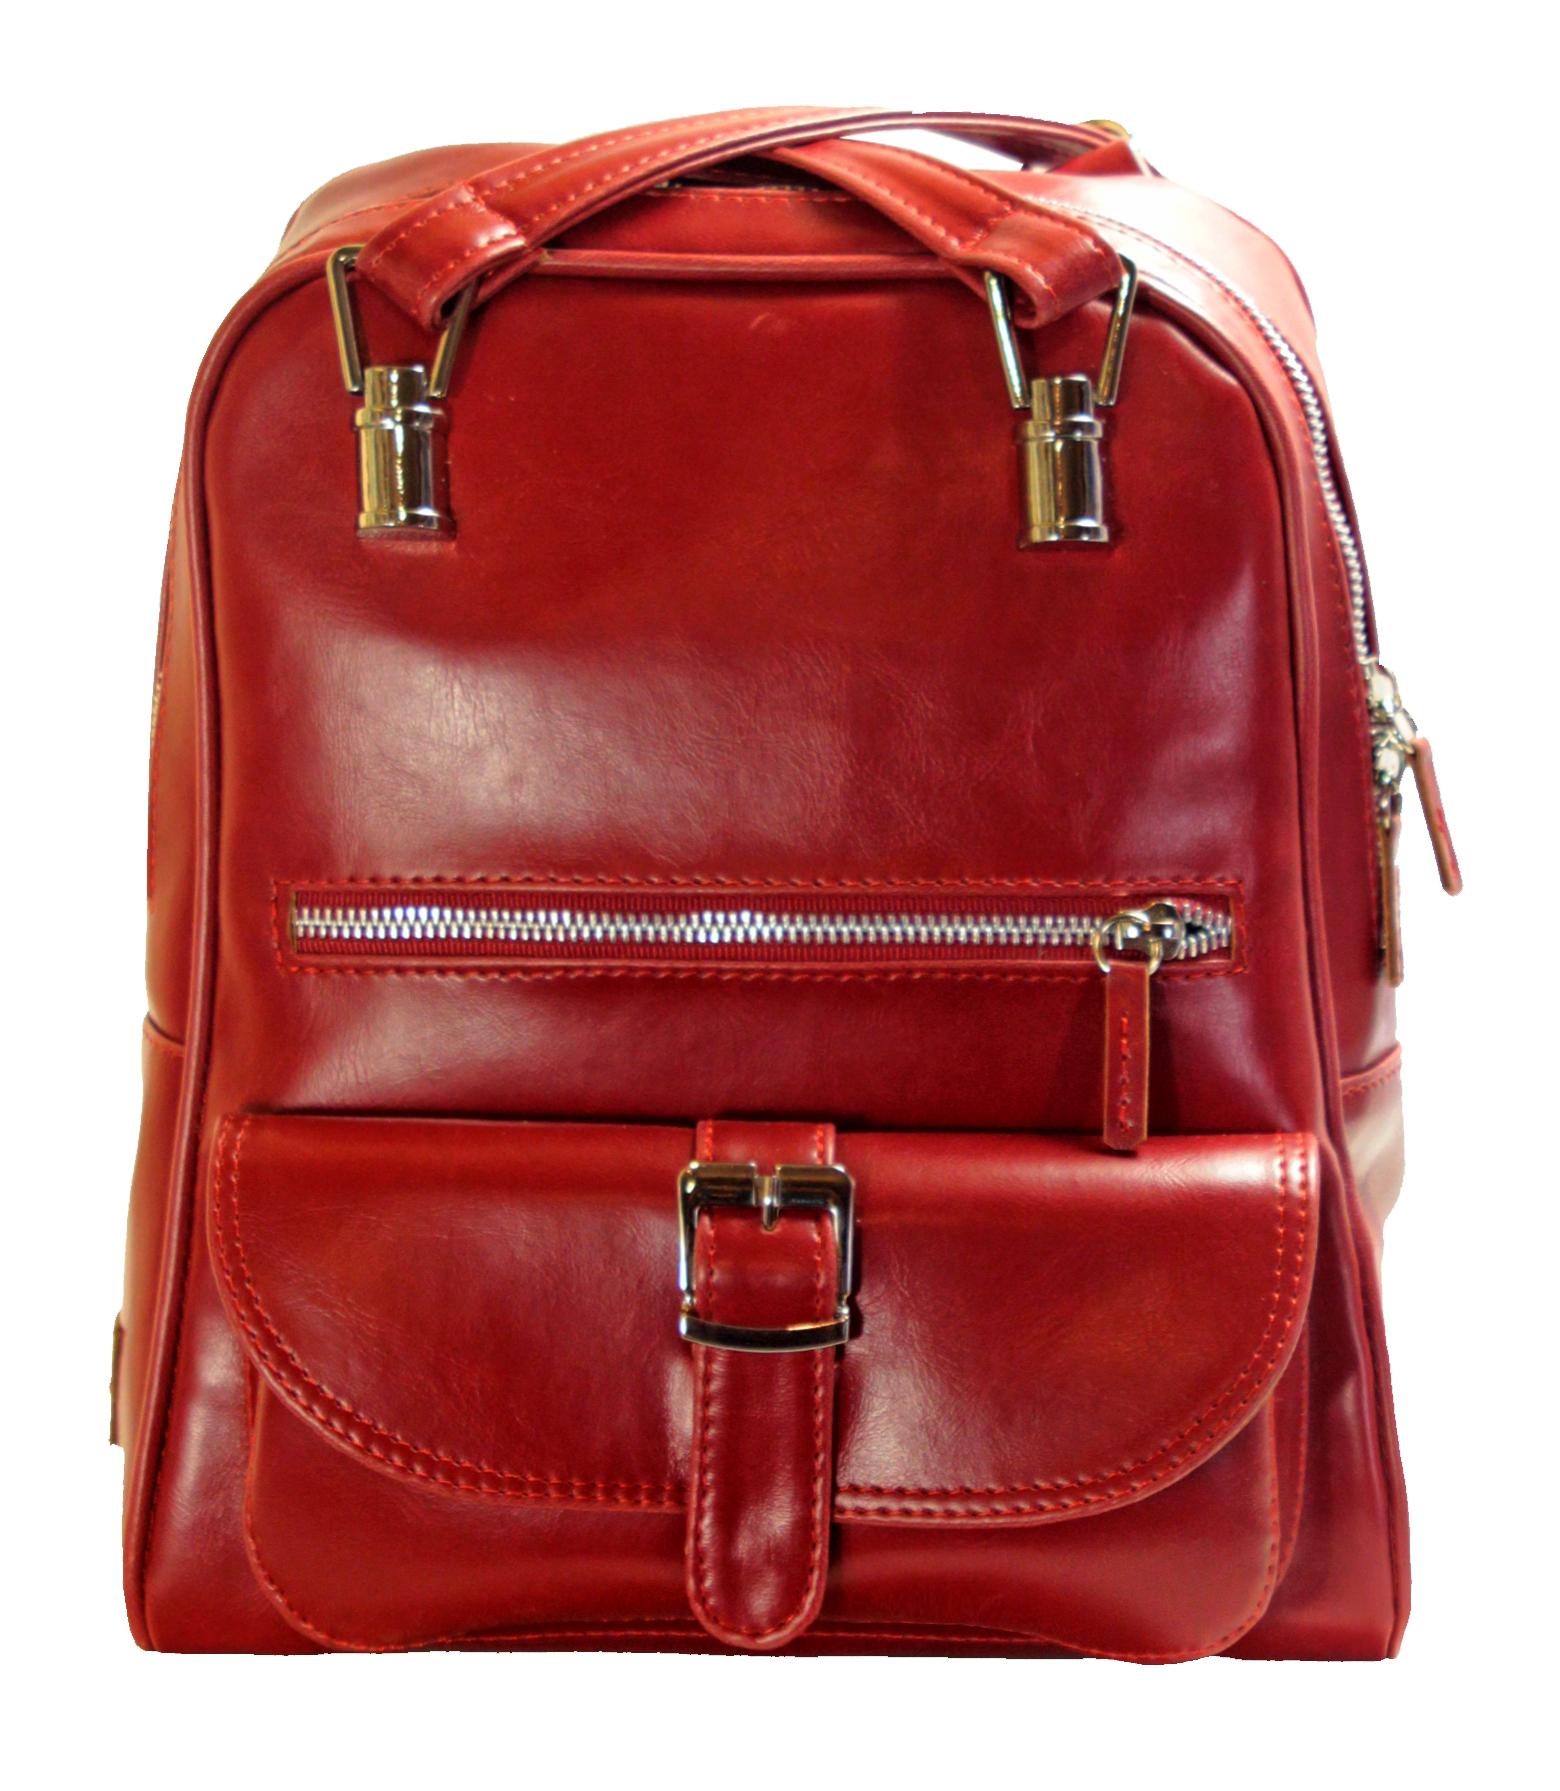 Multifunkční batůžek v červené barvě 11-10237-red - přední pohled